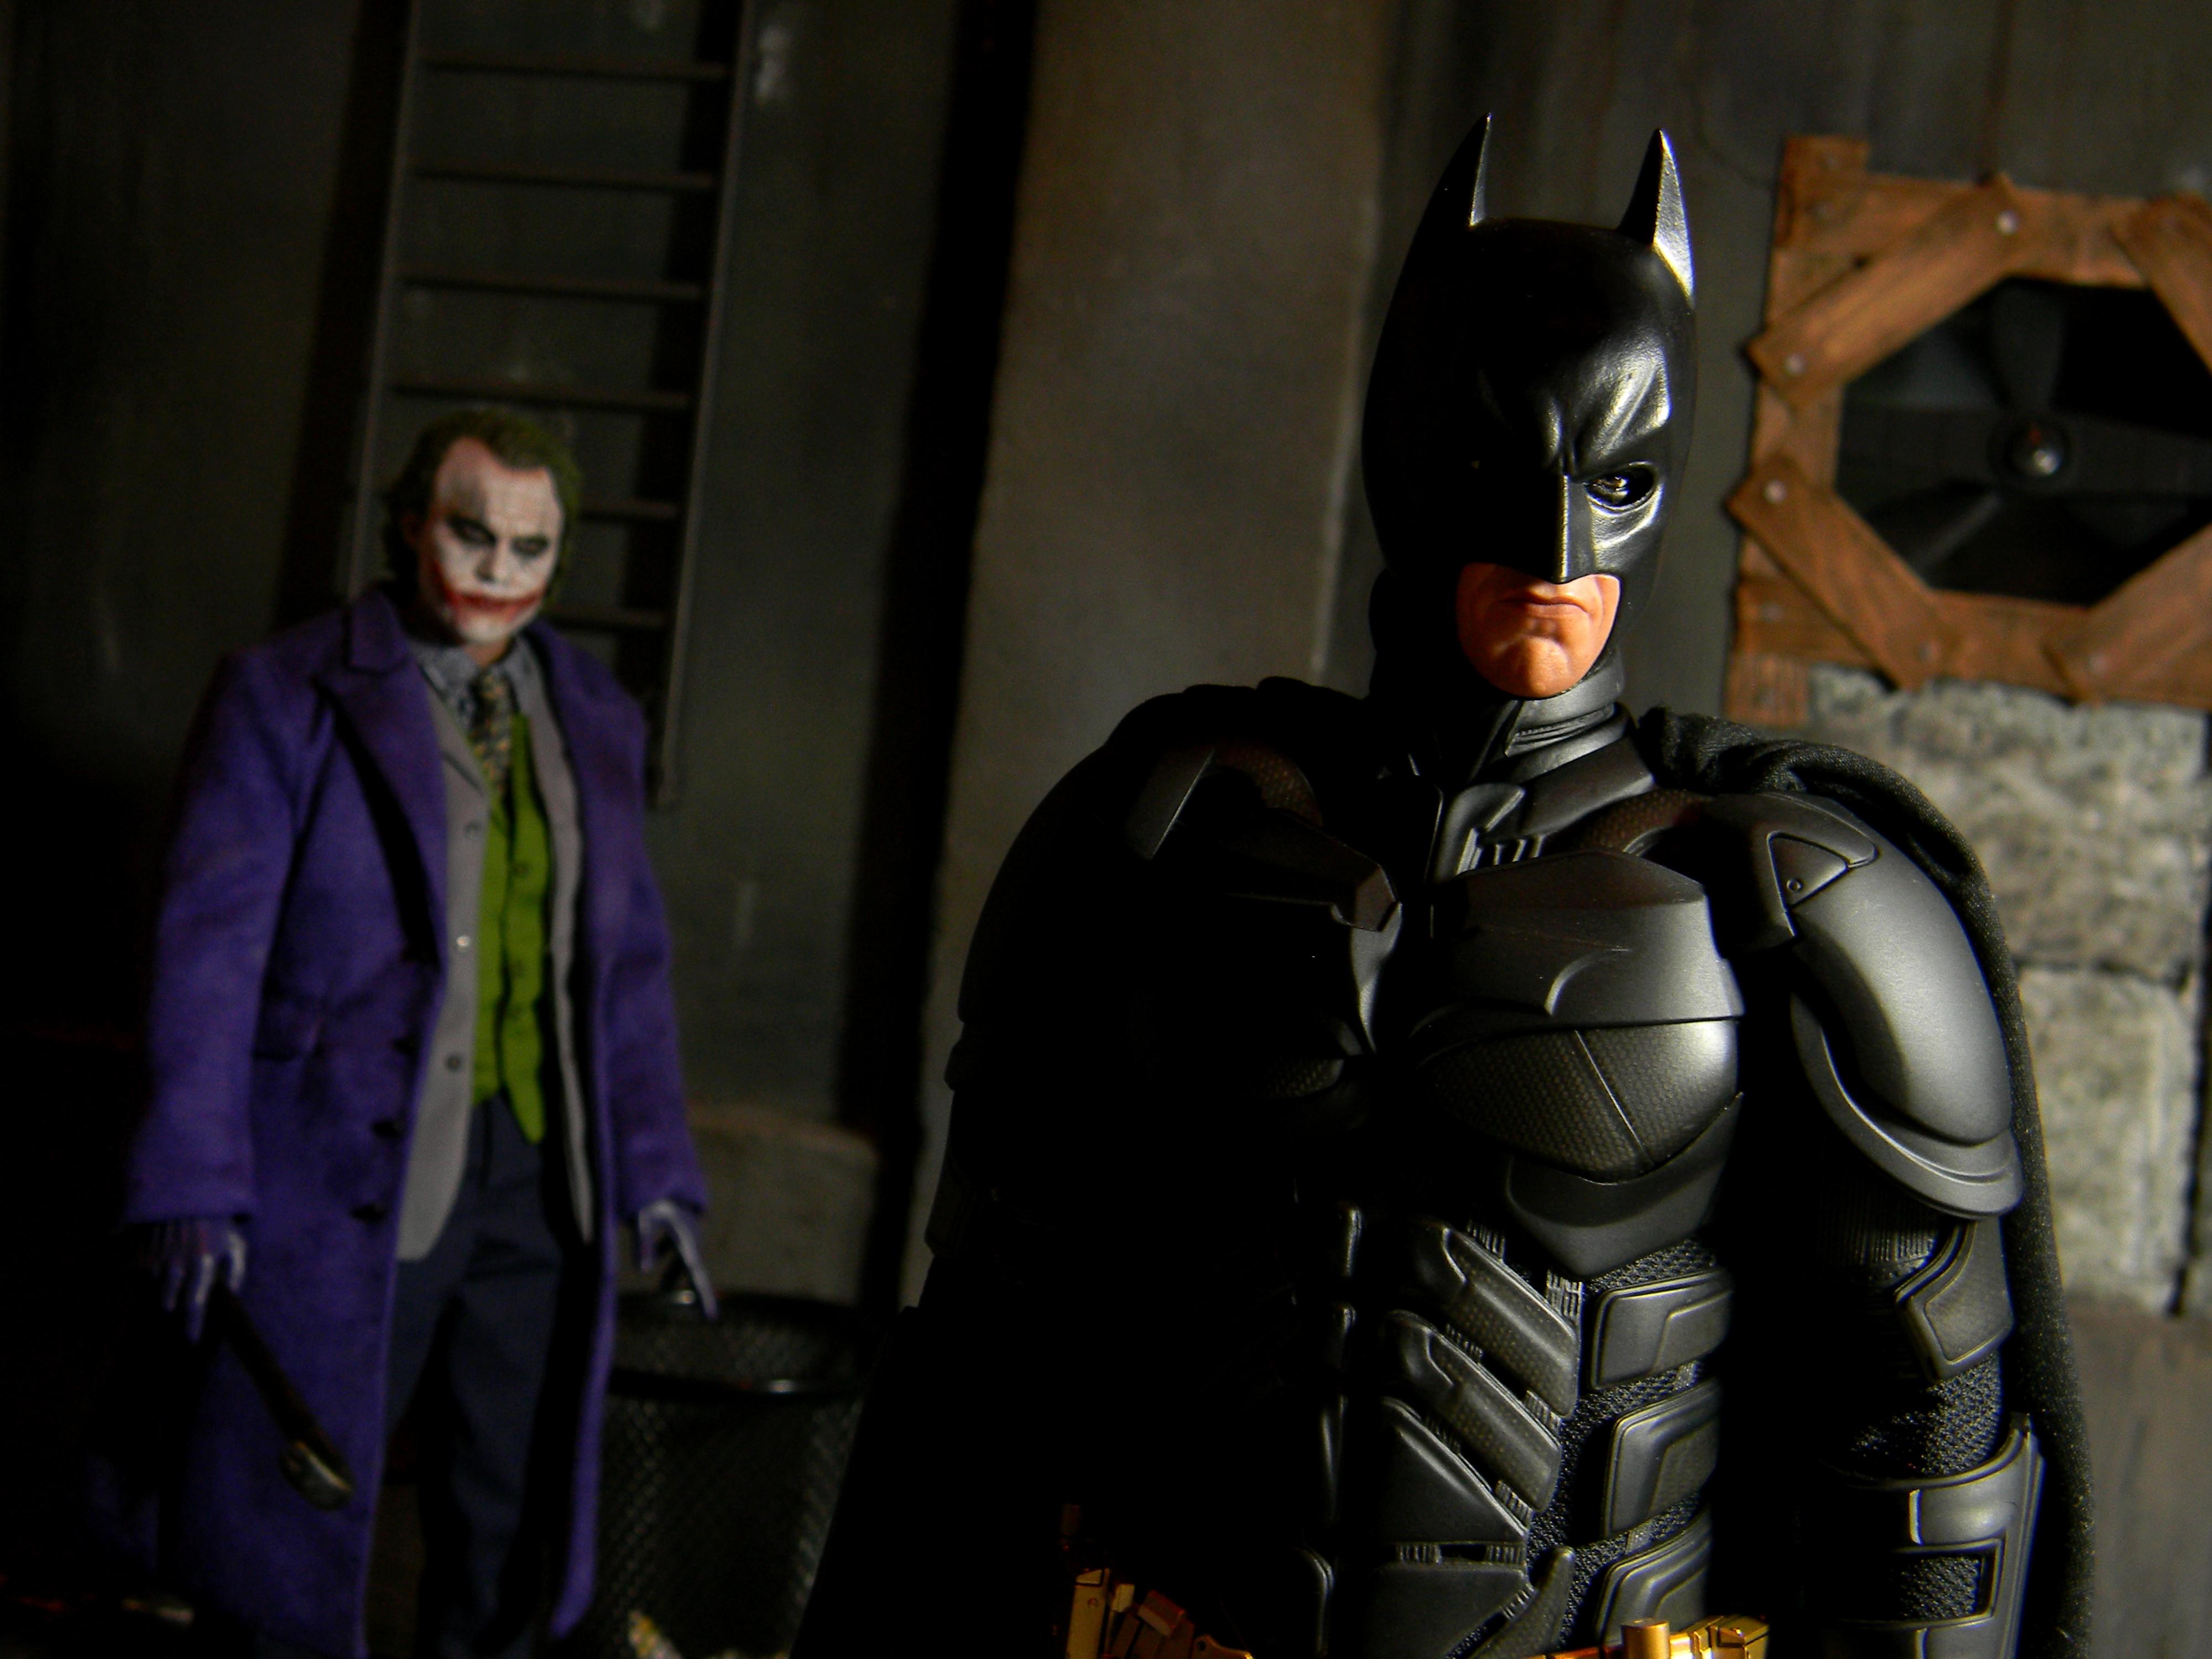 デスクトップ壁紙  騎士, バットマン, ジョーカー, 真夜中